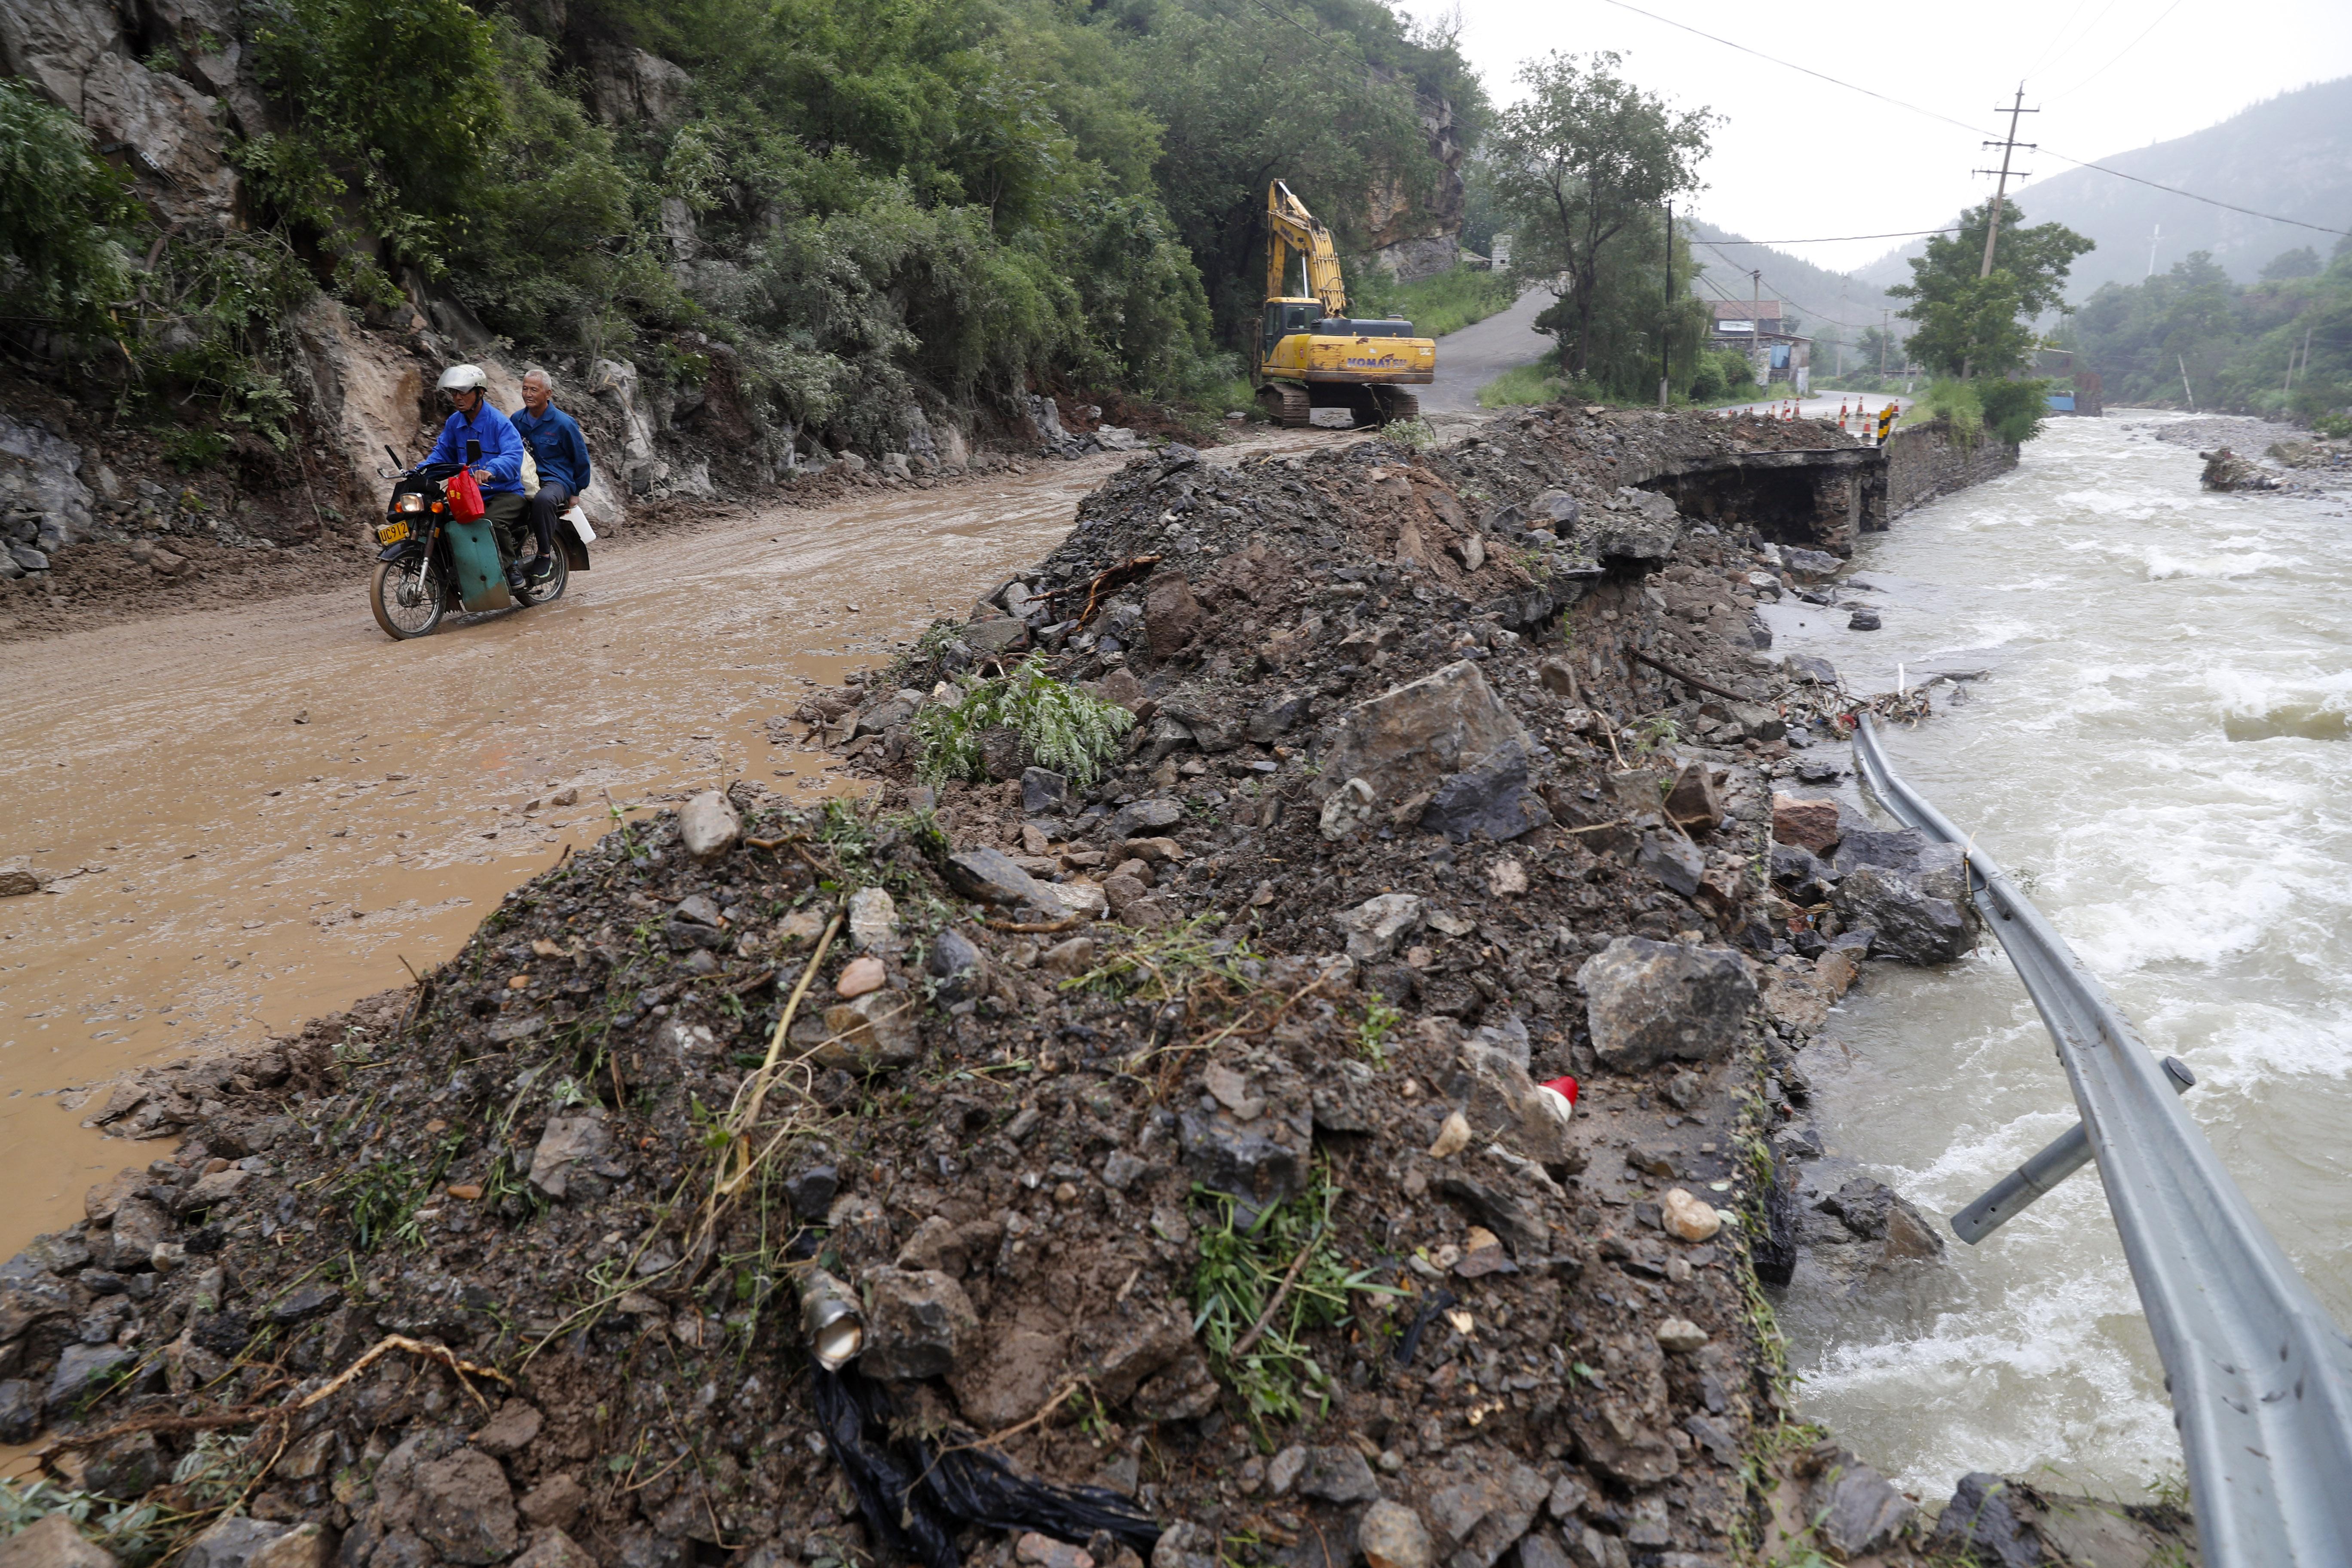 超強颱風「利奇馬」在山東造成災情。(中新社)